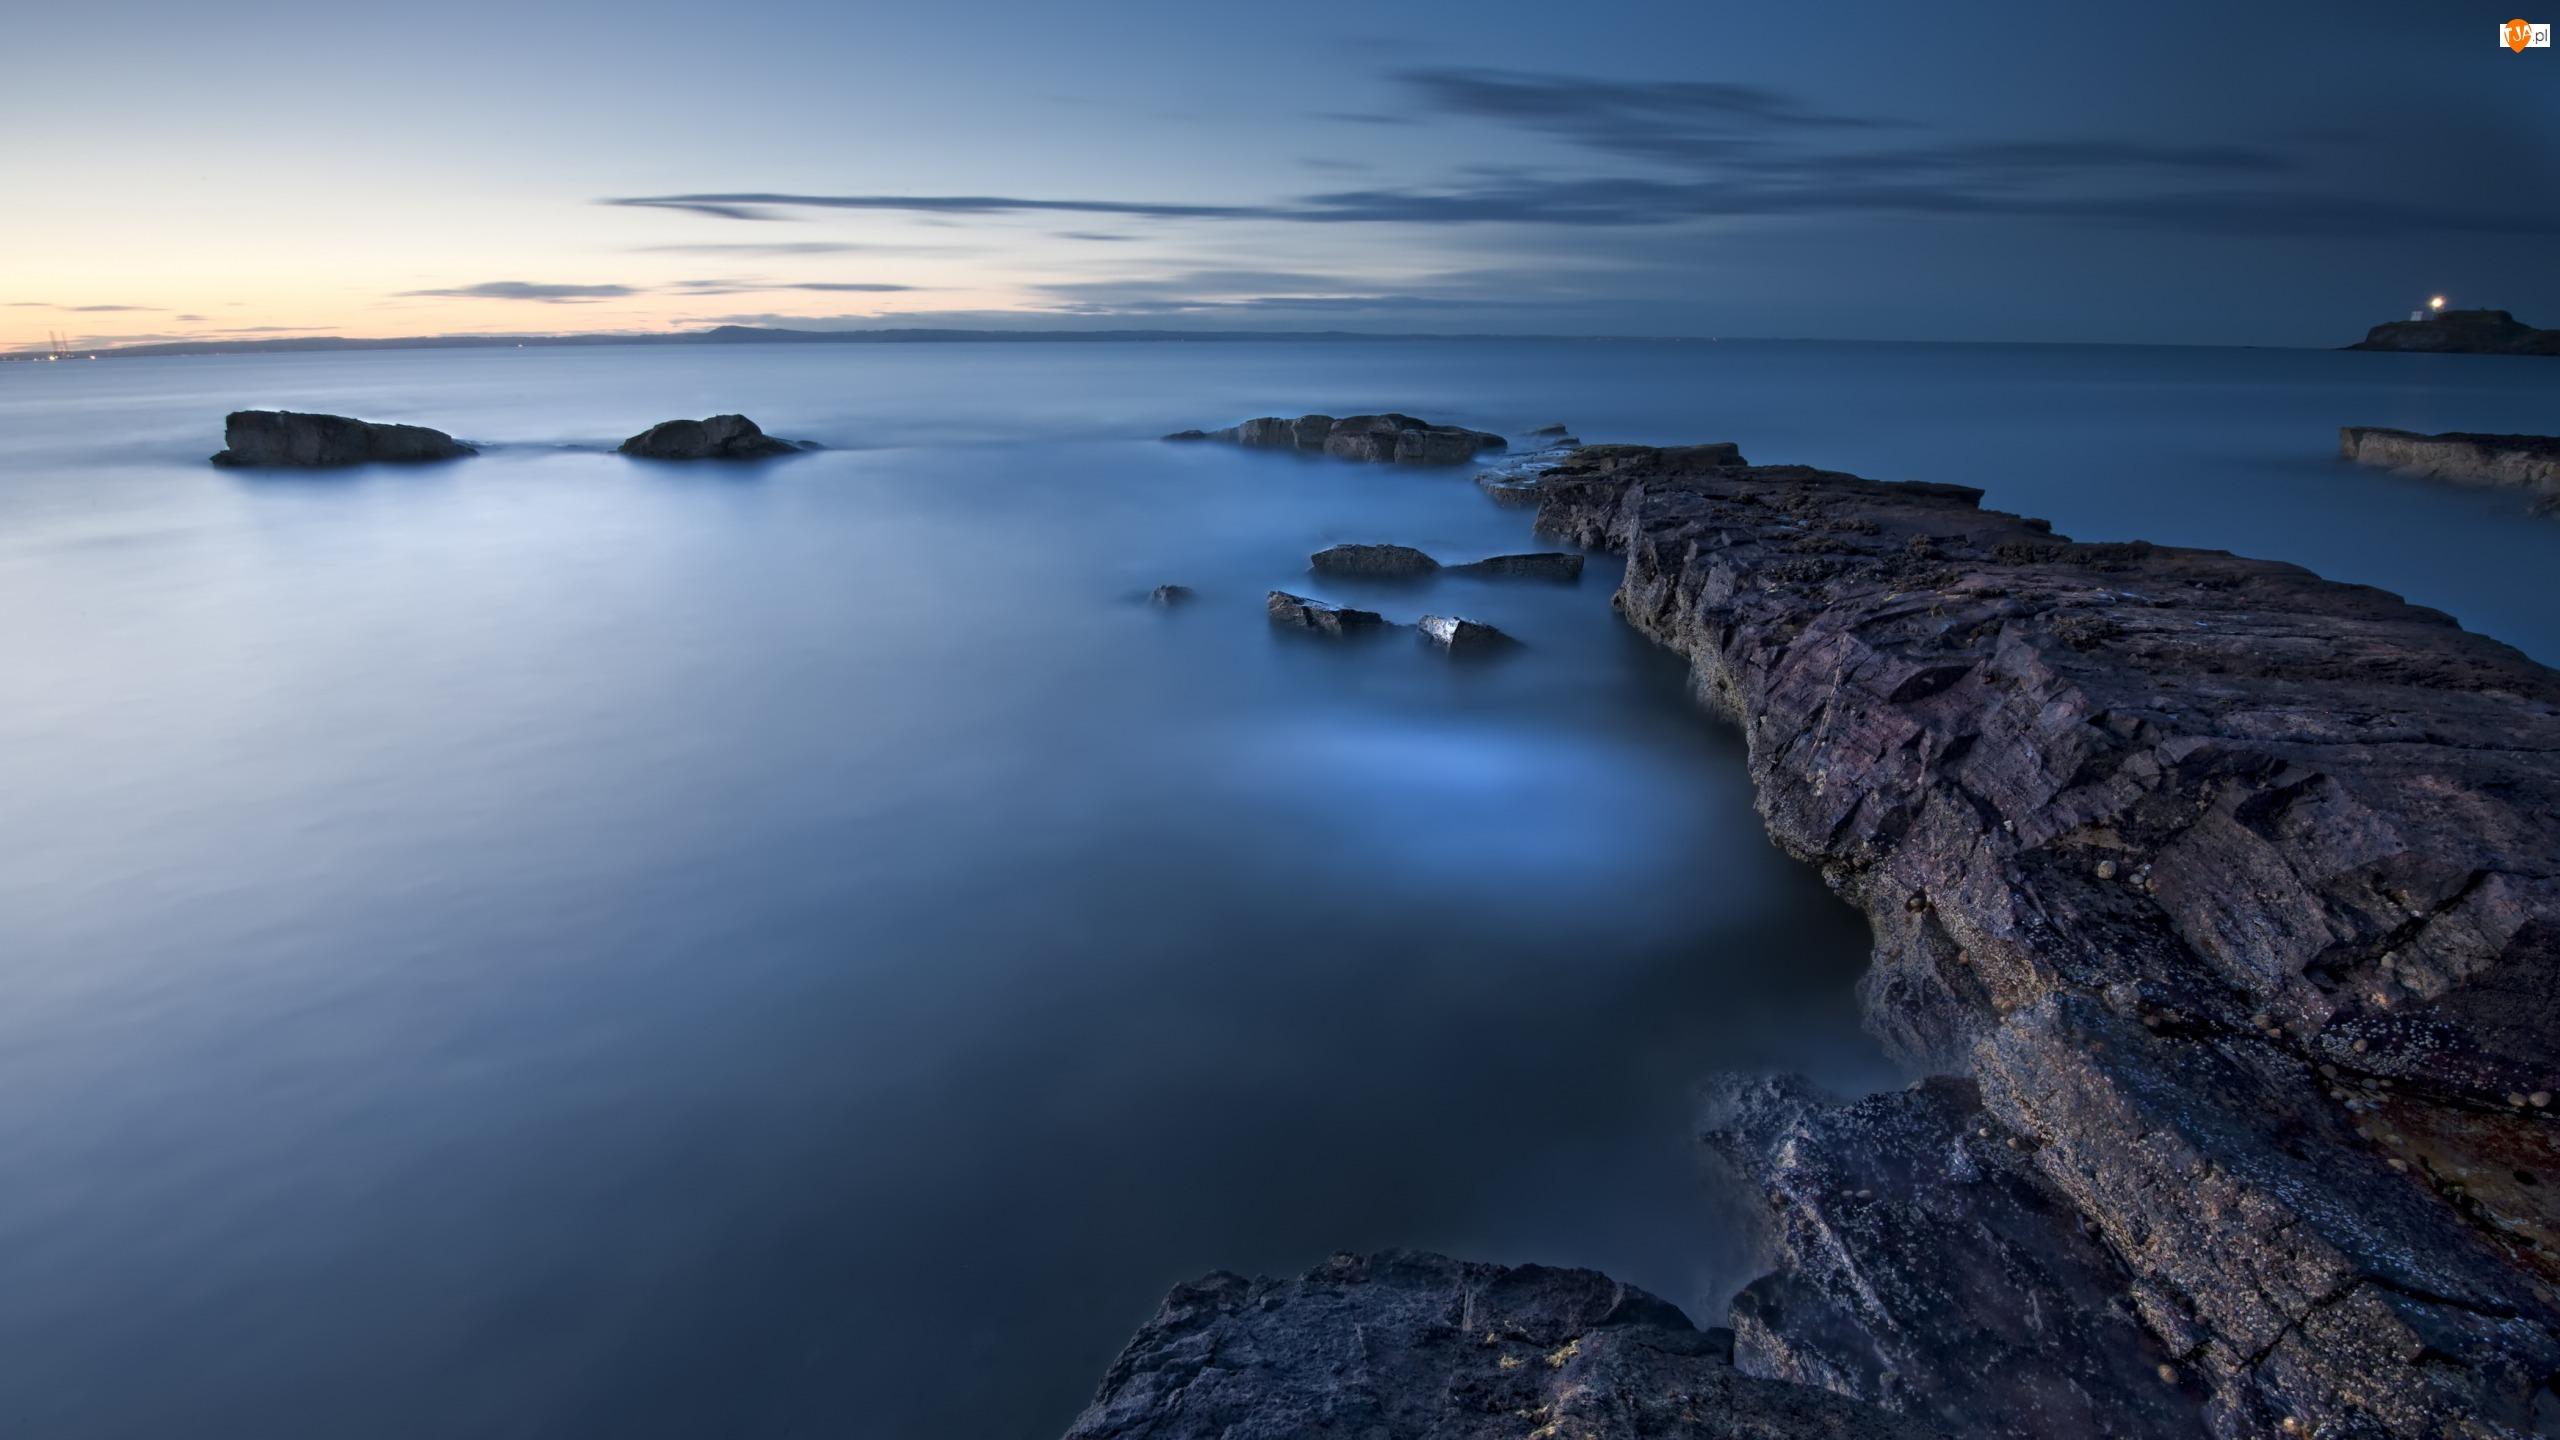 Morze, Wybrzeże, Skały, Horyzont